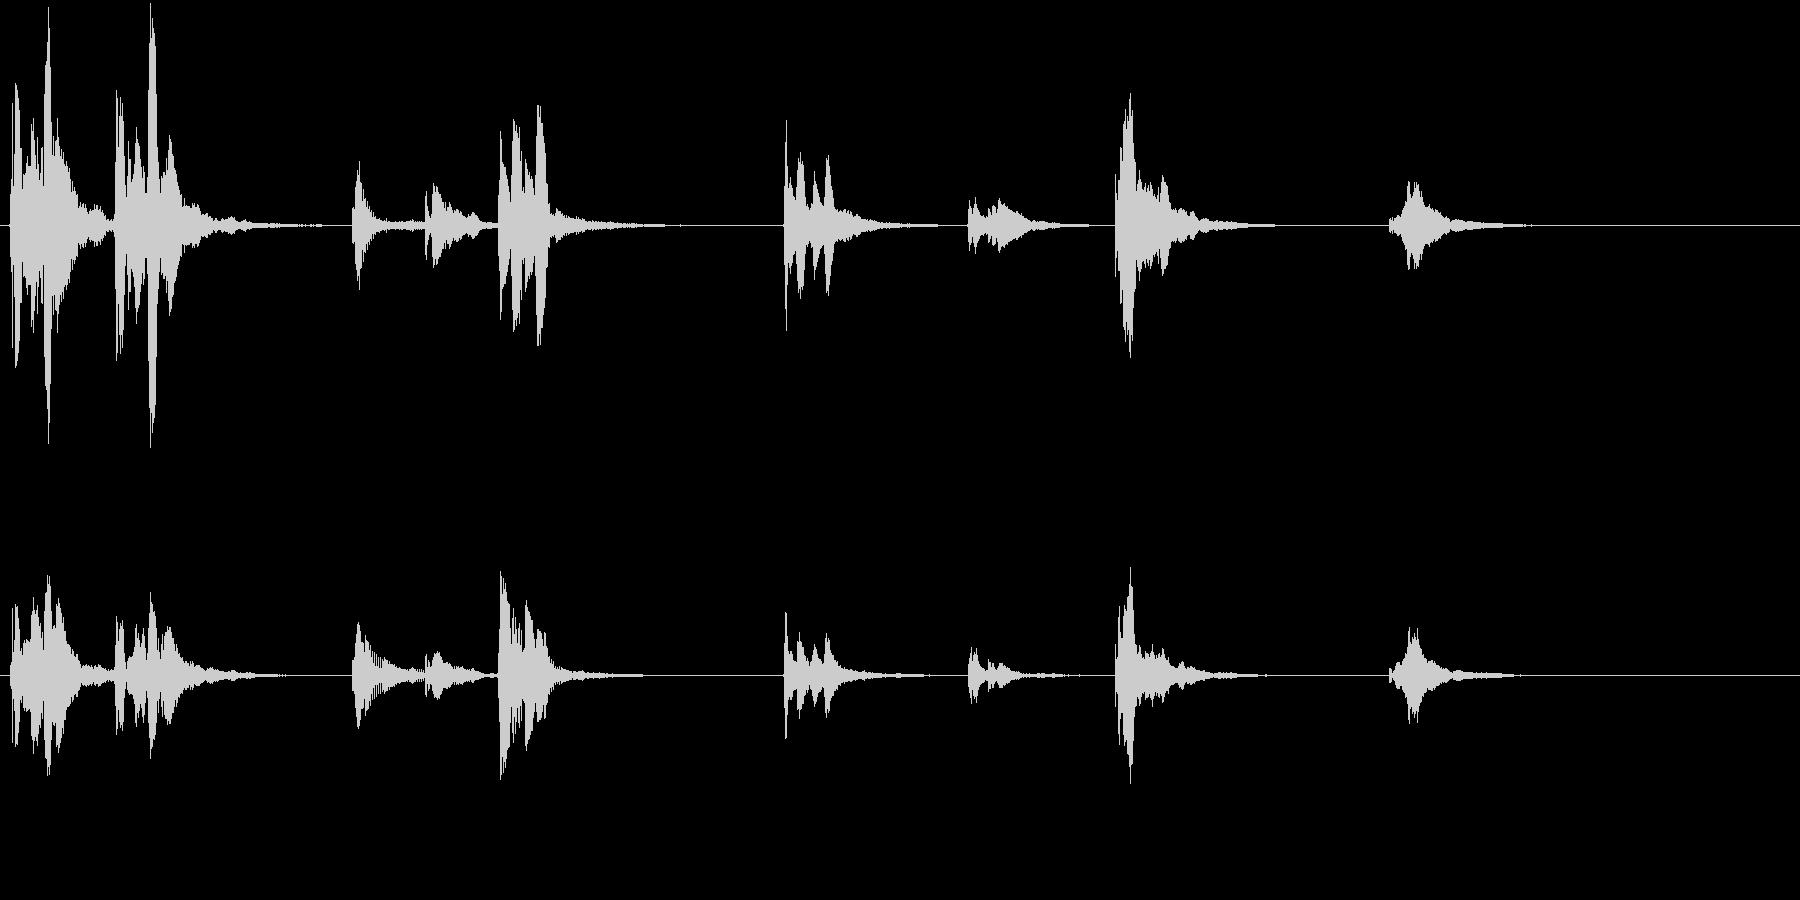 トムとジェリー風アニメ音楽「ウィンク」1の未再生の波形